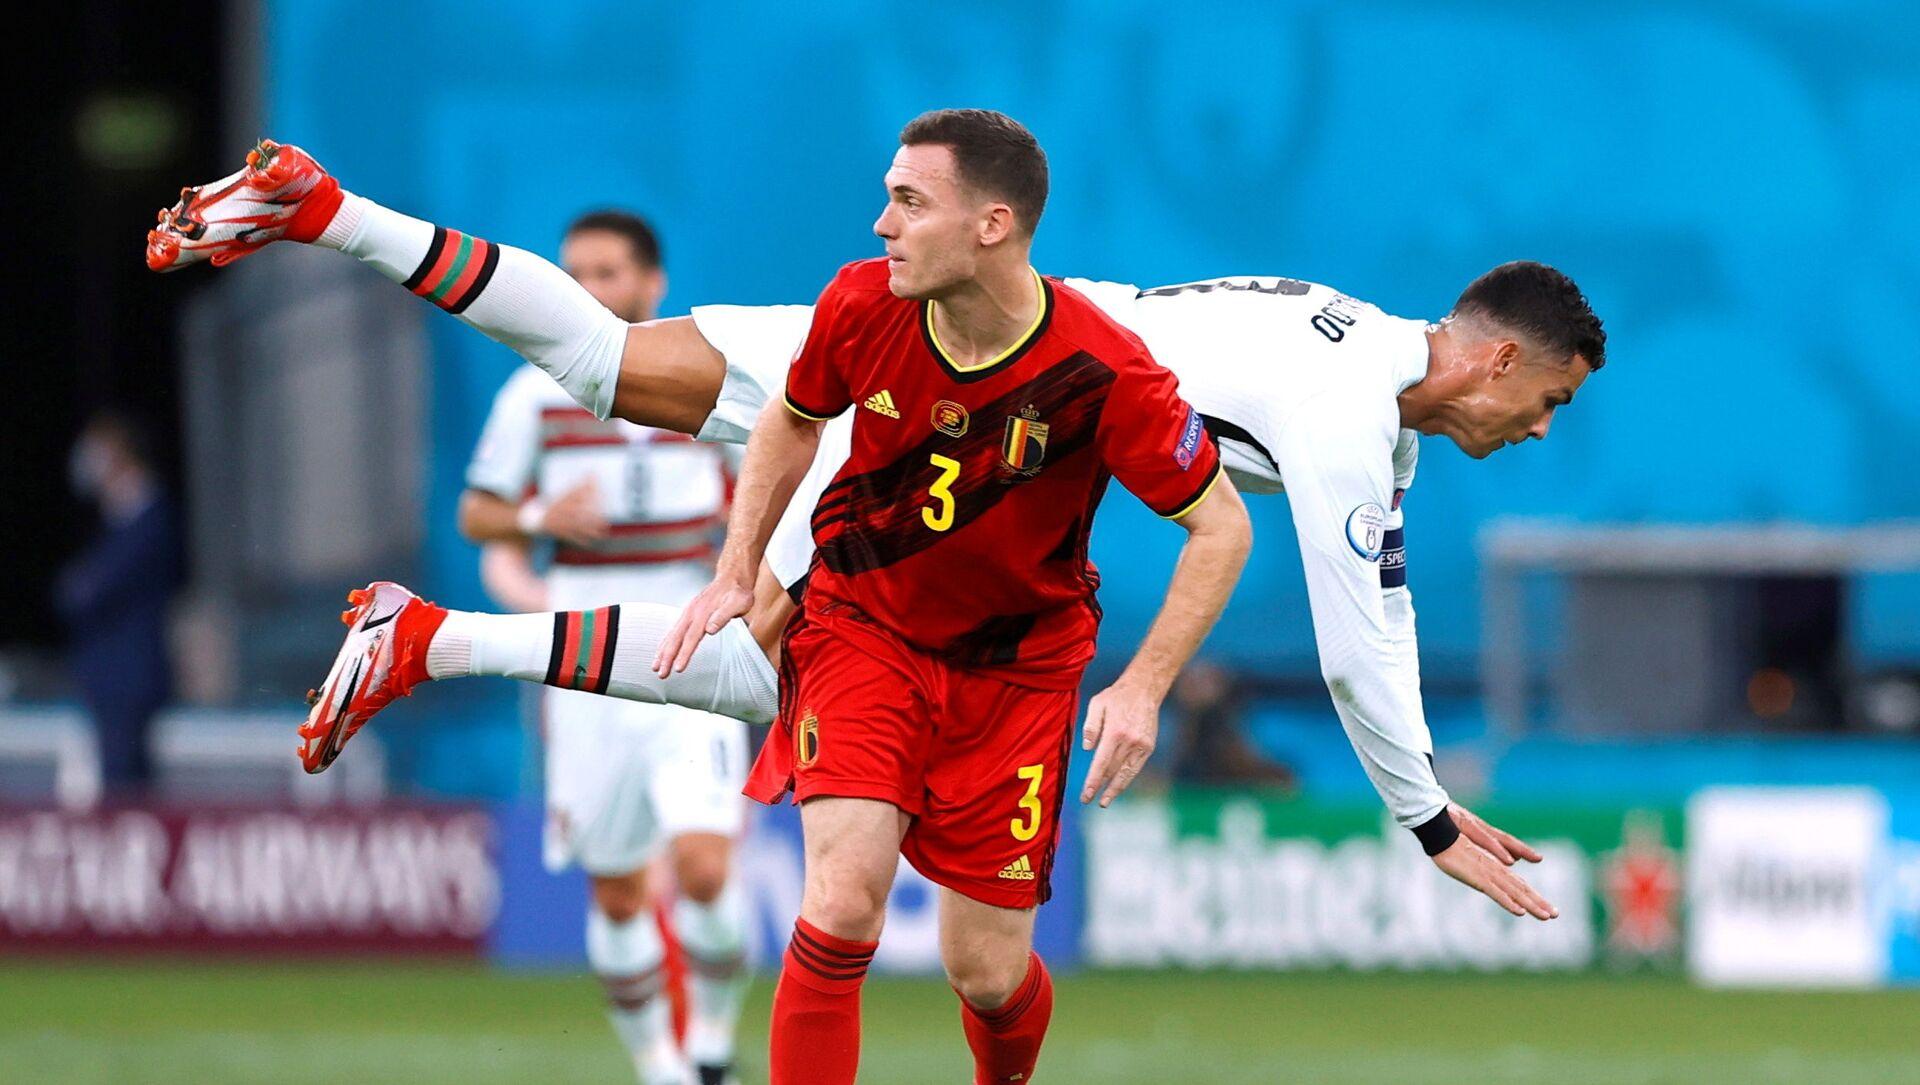 Trận đấu giữa đội tuyển quốc gia Bỉ và Bồ Đào Nha tại Euro 2020 - Sputnik Việt Nam, 1920, 28.06.2021